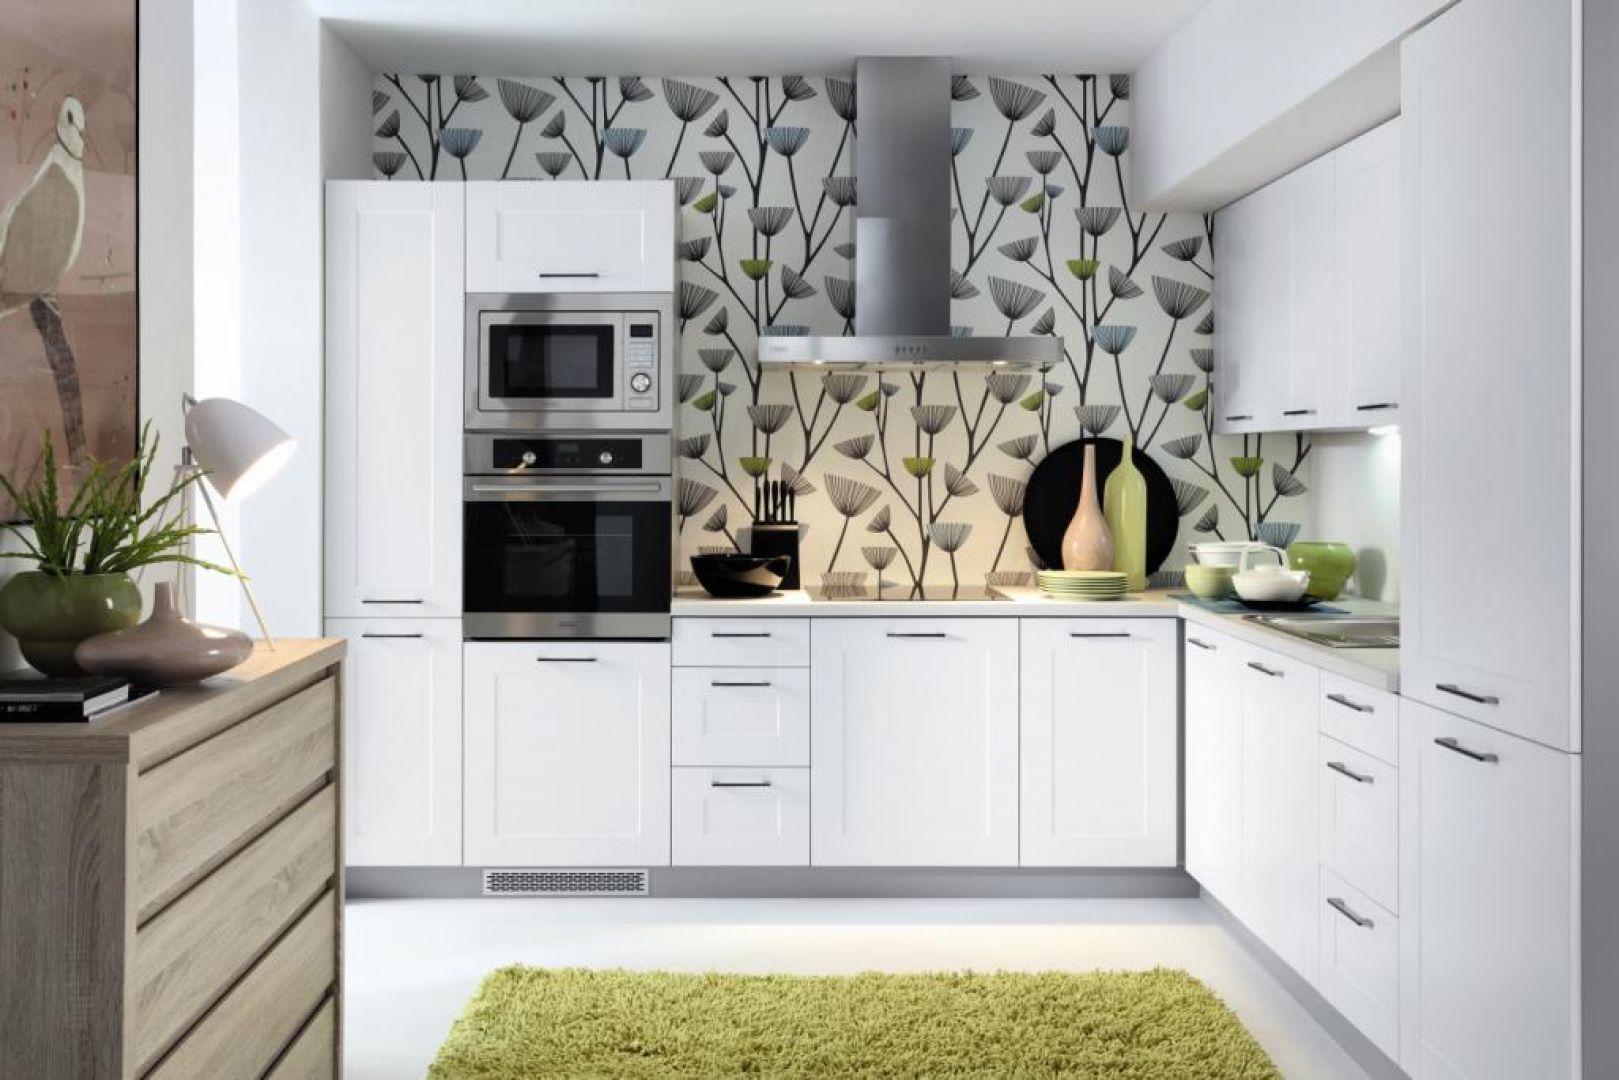 Zestaw mebli w małej kuchni bardzo często wypełnia przestrzeń od podłogi po sufit. Meble Edan z linii Family Line marki Black Red White. Fot. Black Red White.